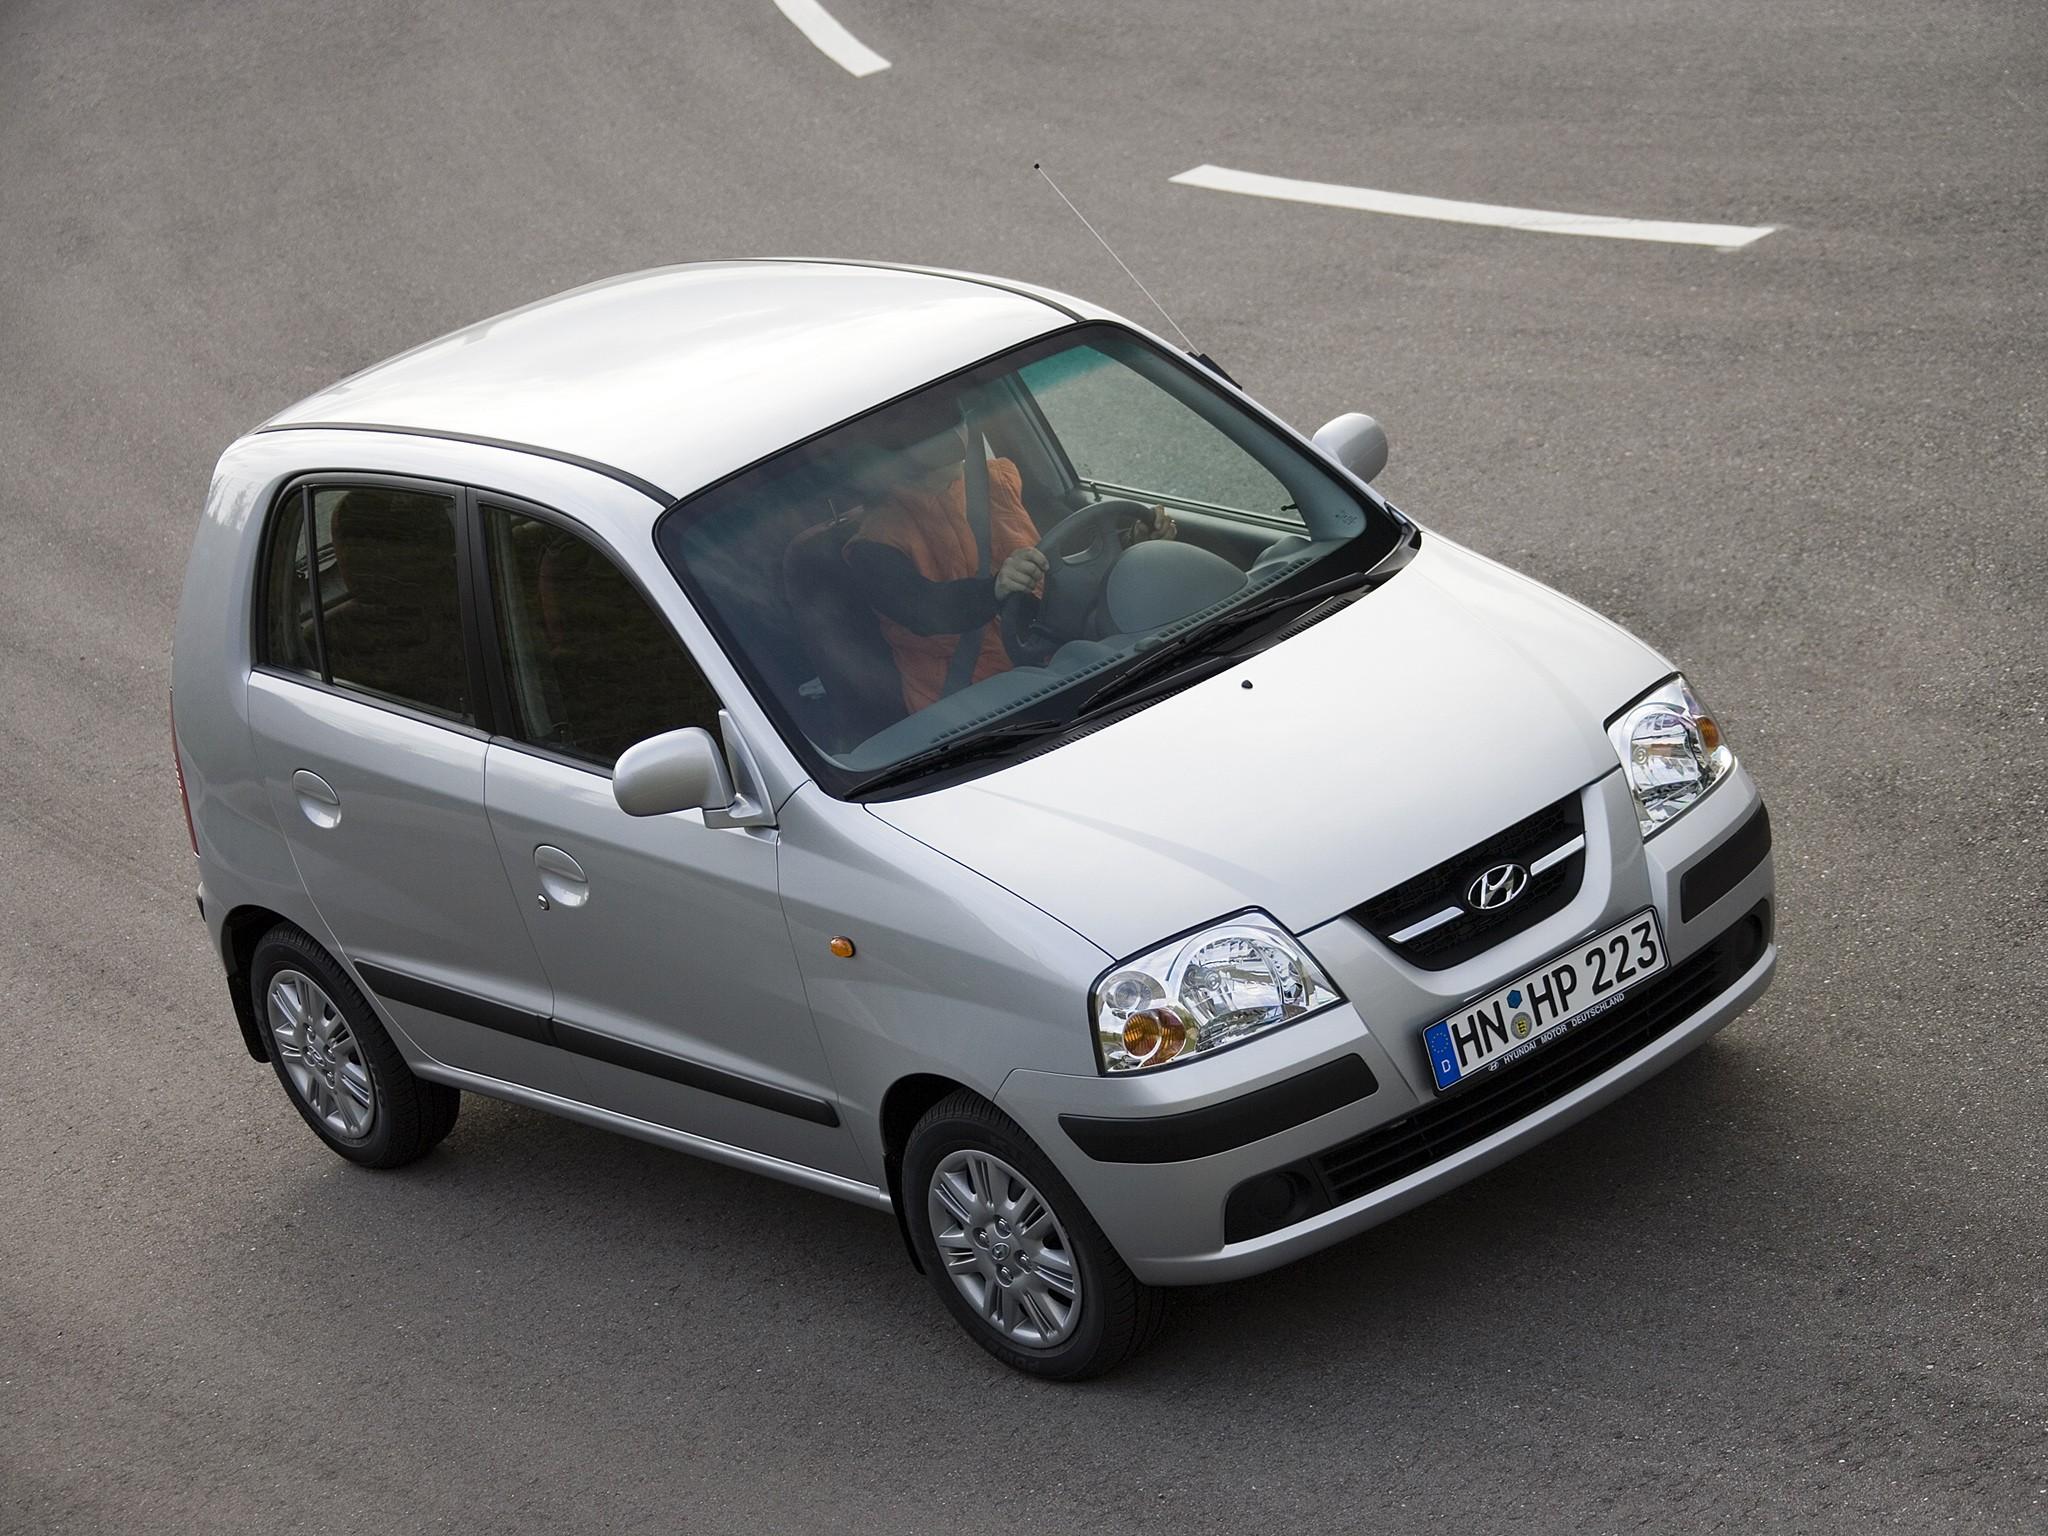 HYUNDAI Atos specs & photos - 2005, 2006, 2007, 2008 - autoevolution | Hyundai Atos 1997 Engine Diagram |  | AutoEvolution